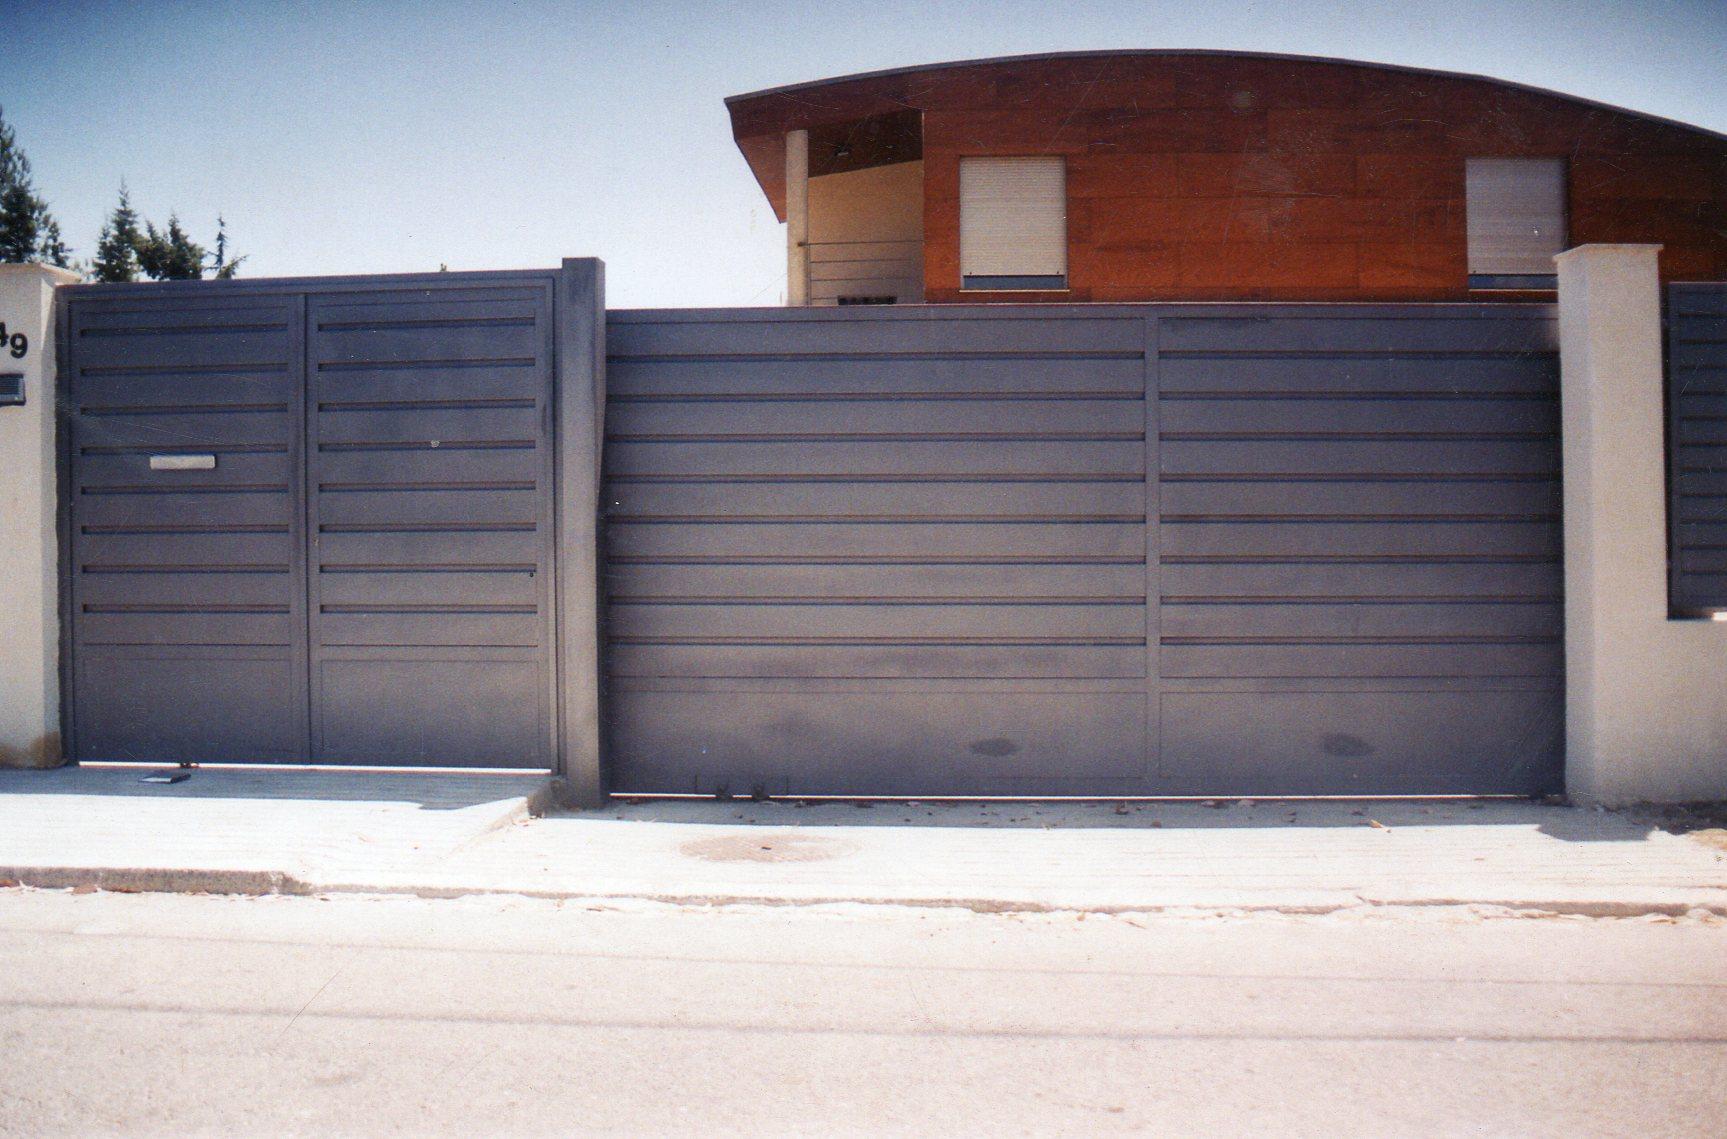 Puertas automaticas para garage car interior design - Puertas automaticas garaje precios ...